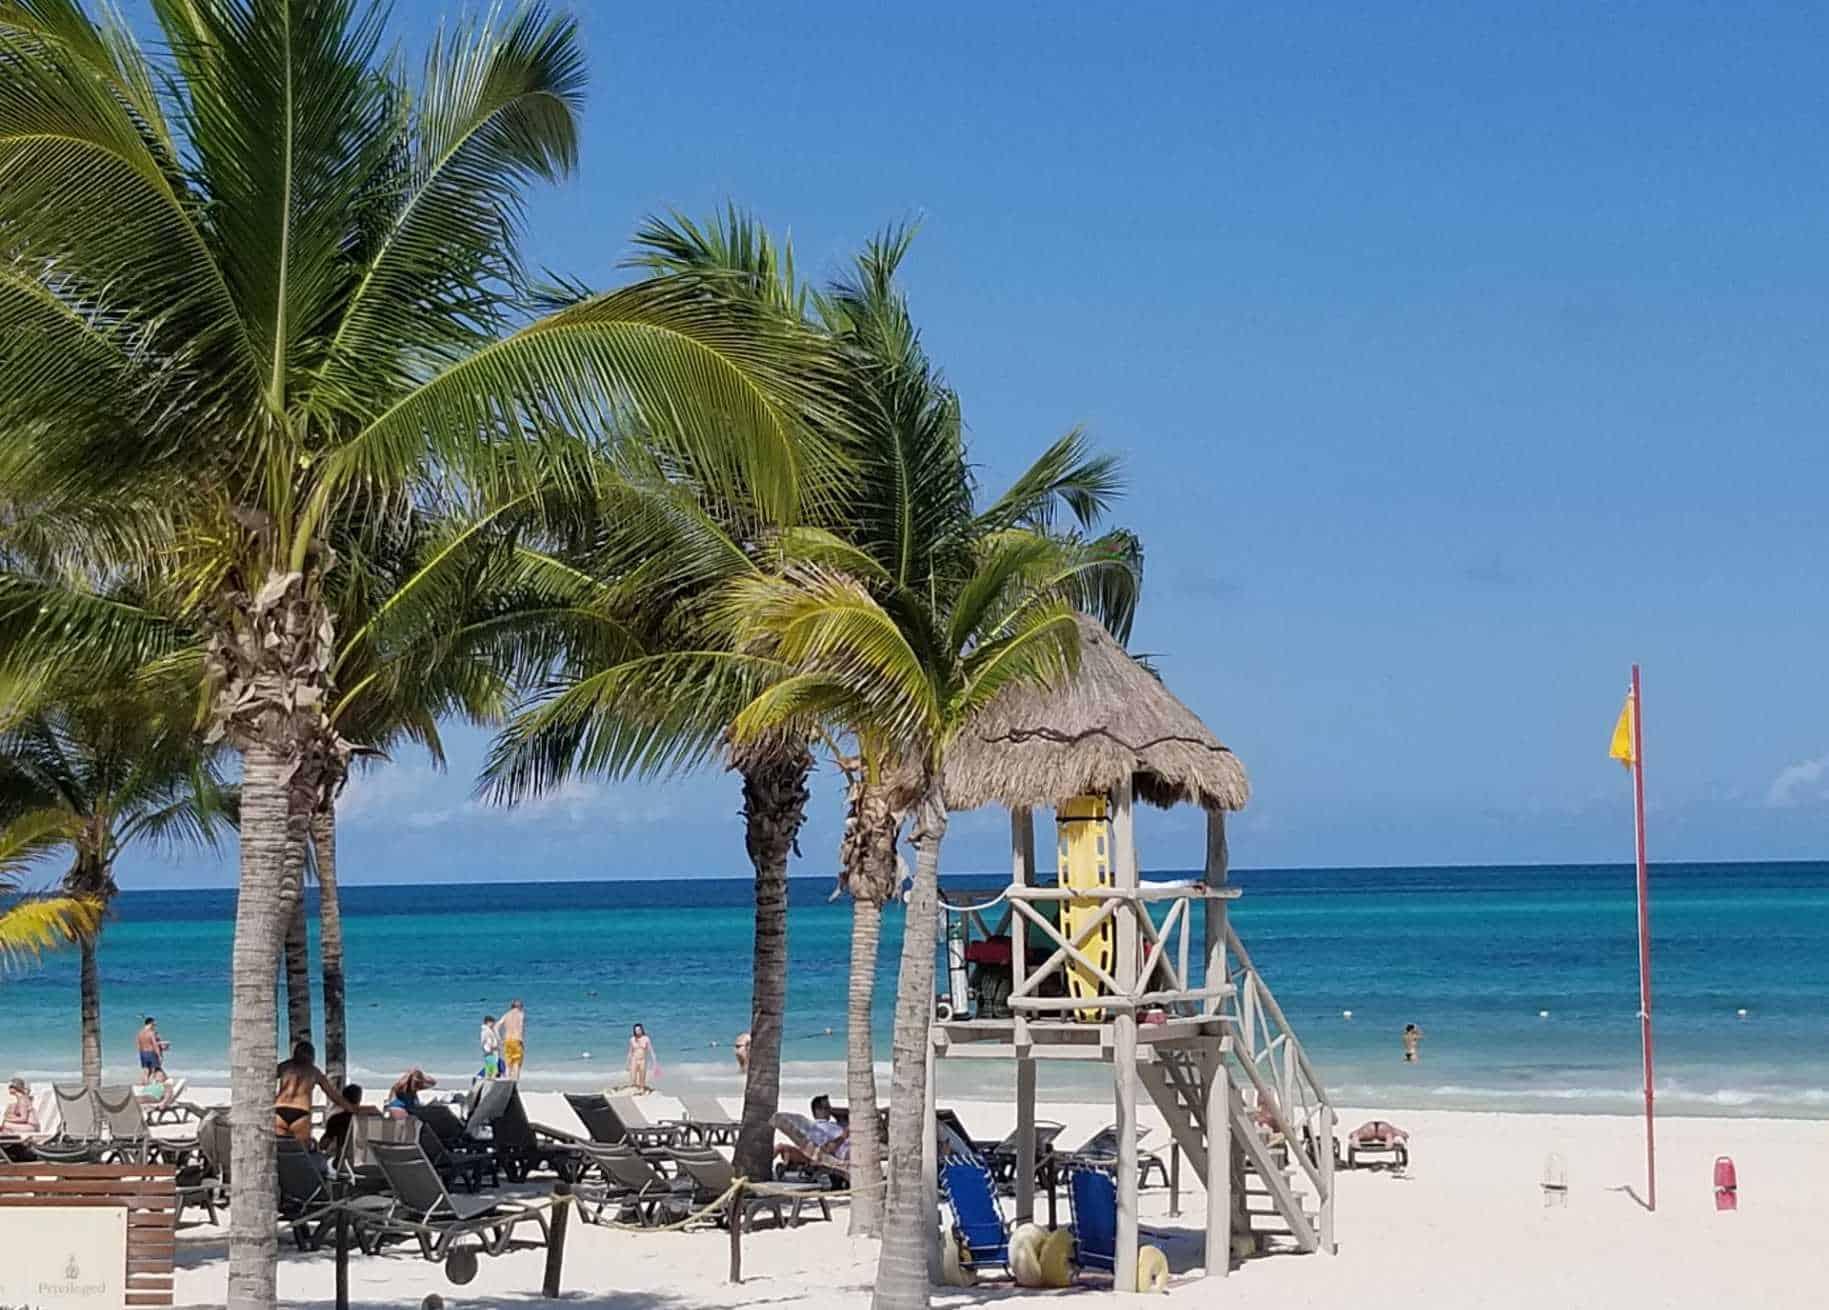 maroma beach in mexico